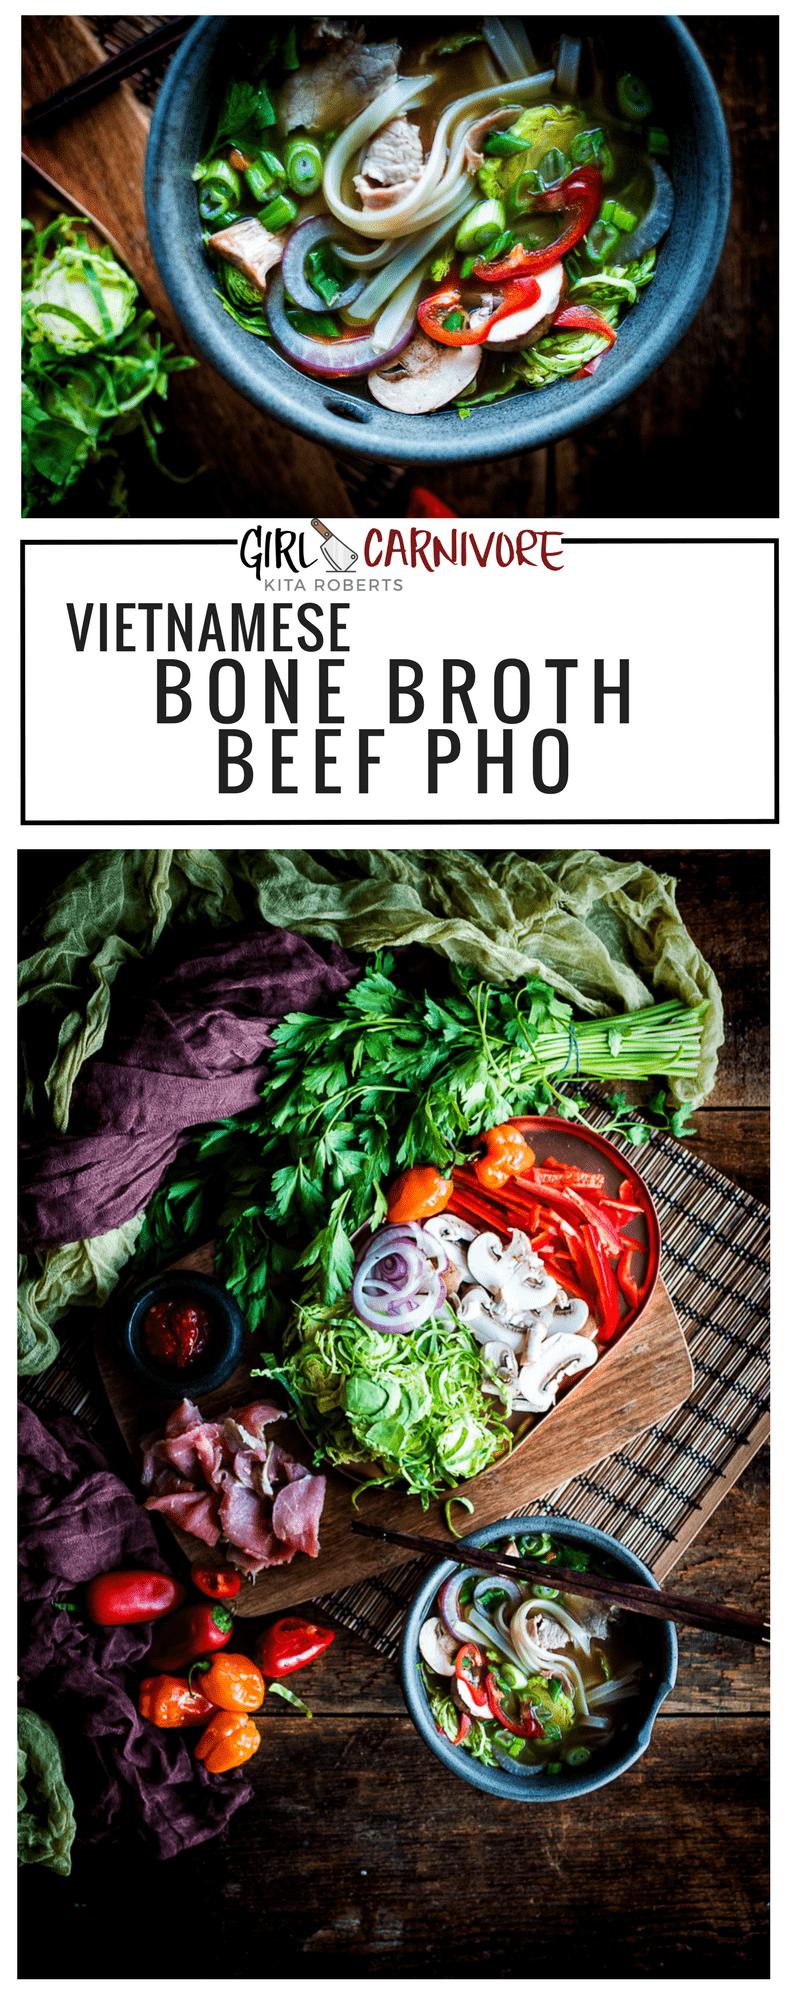 Vietnamese Bone Broth Beef Pho